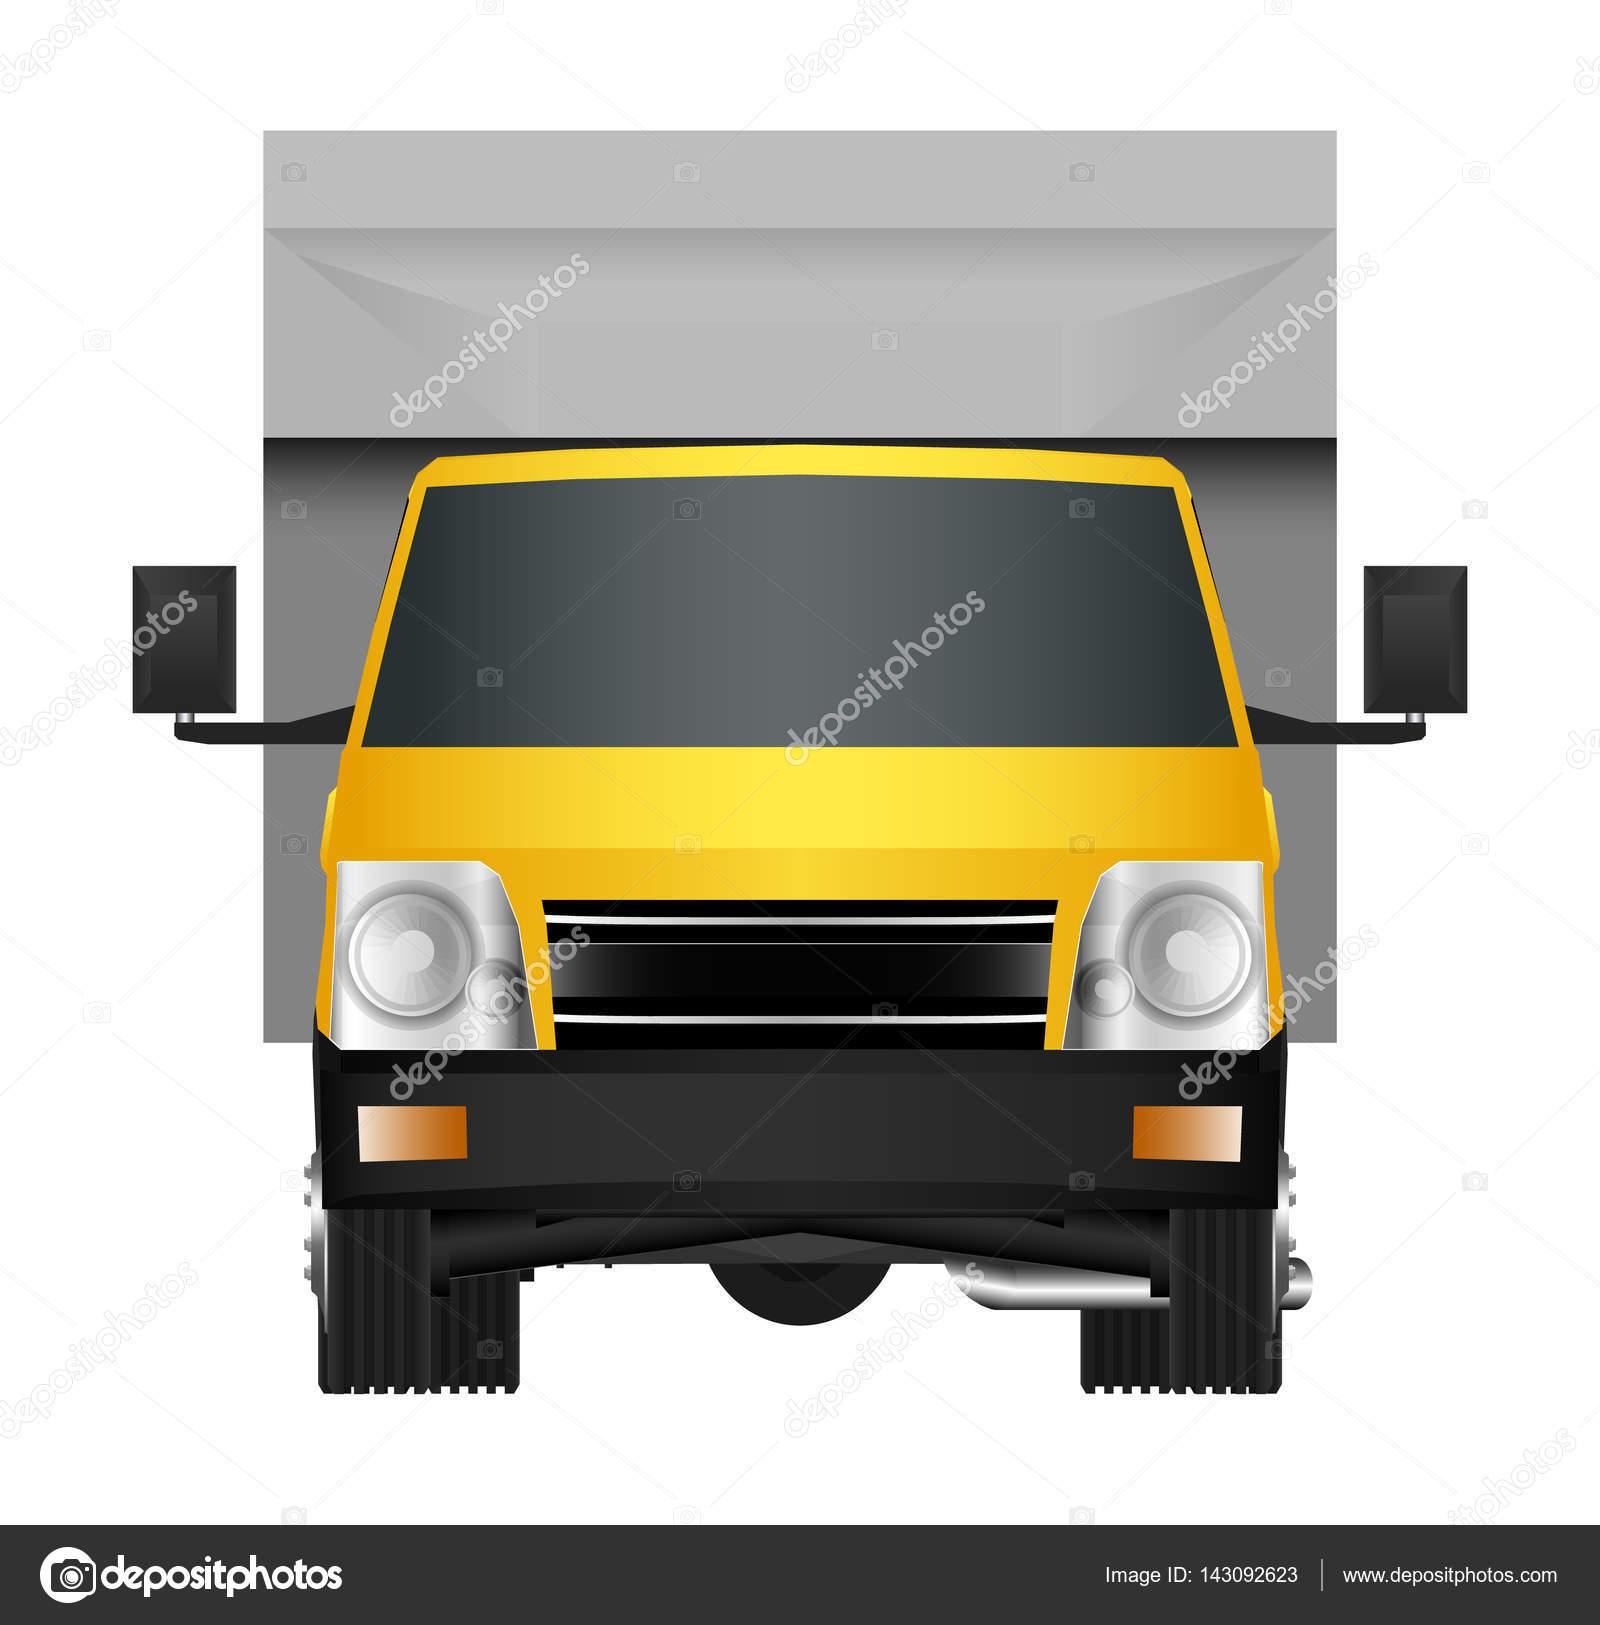 Gelben Truck Vorlage. Cargo van Vektor-Illustration isoliert Eps 10 ...